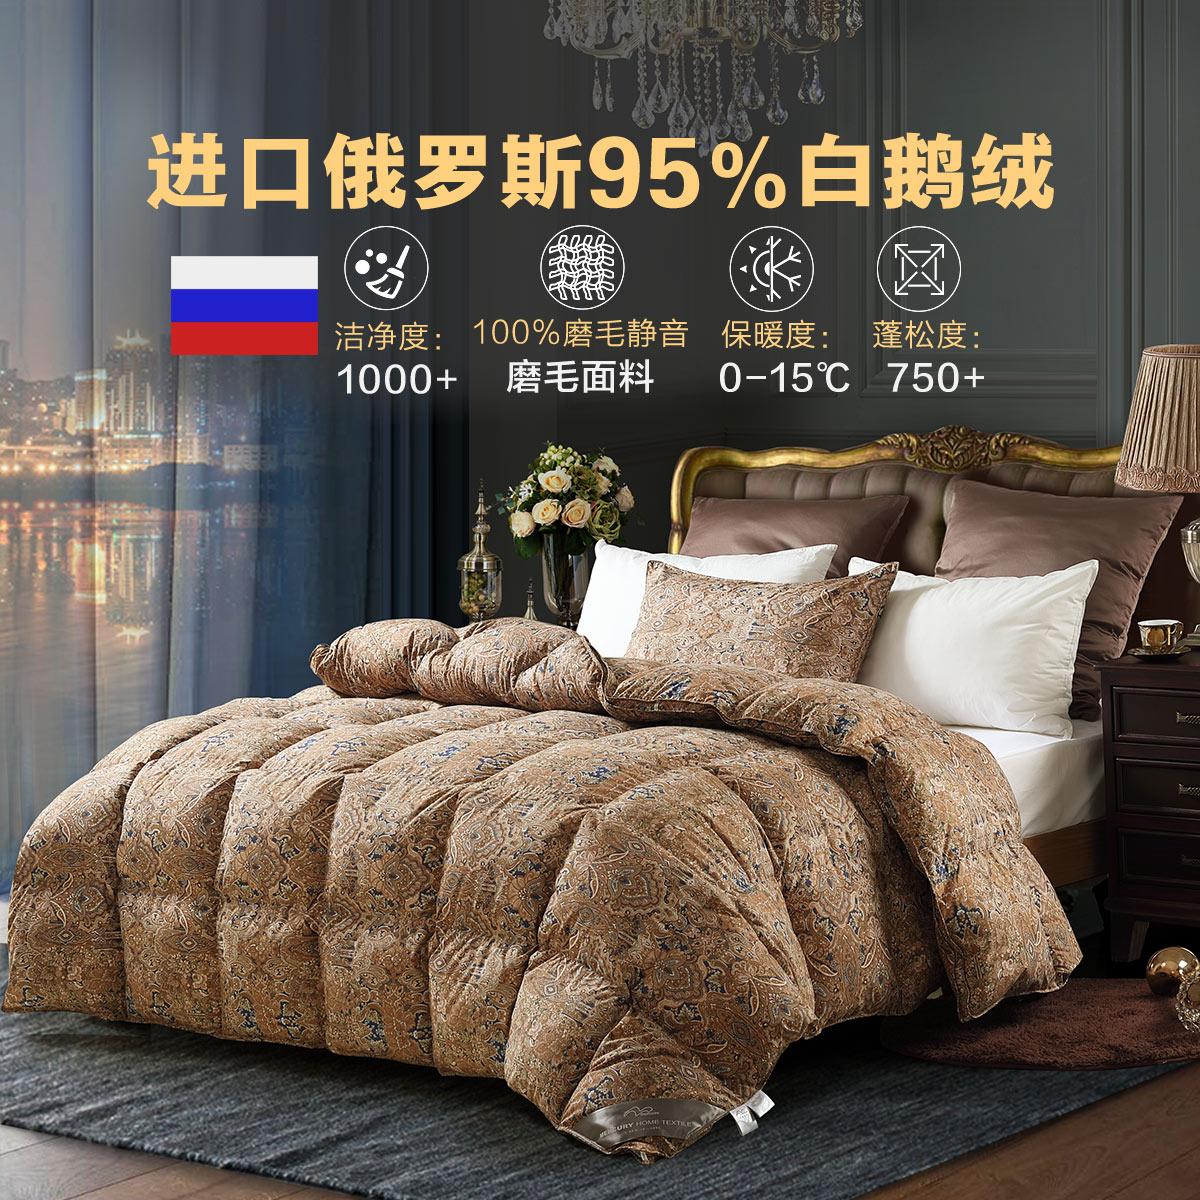 水星俄罗斯进口95%白鹅绒被羽绒被子冬季保暖冬被芯509622-VIP